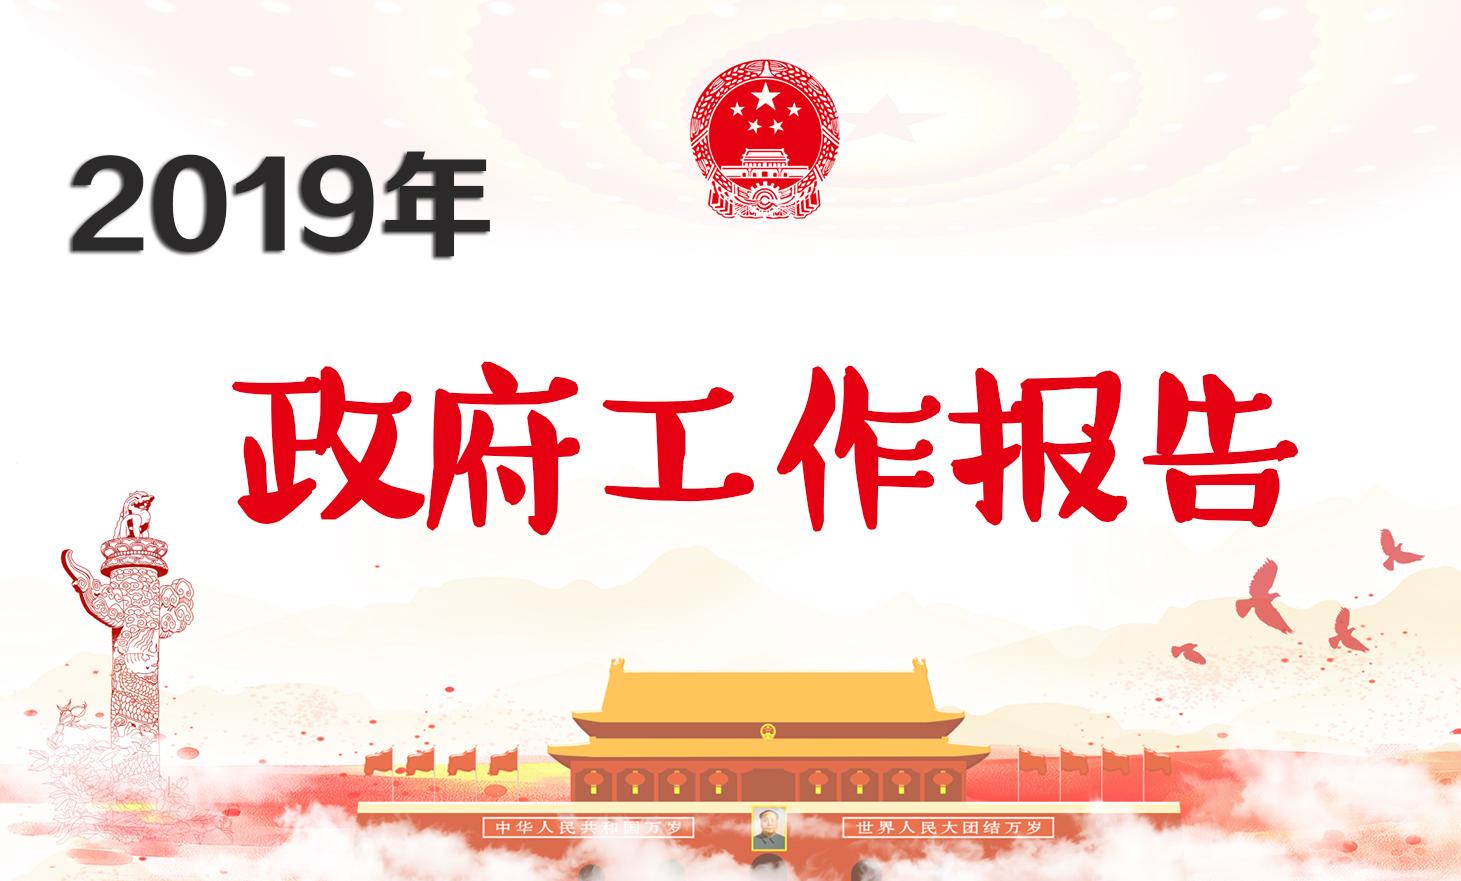 申论热点:2019政府工作报告(思维导图)